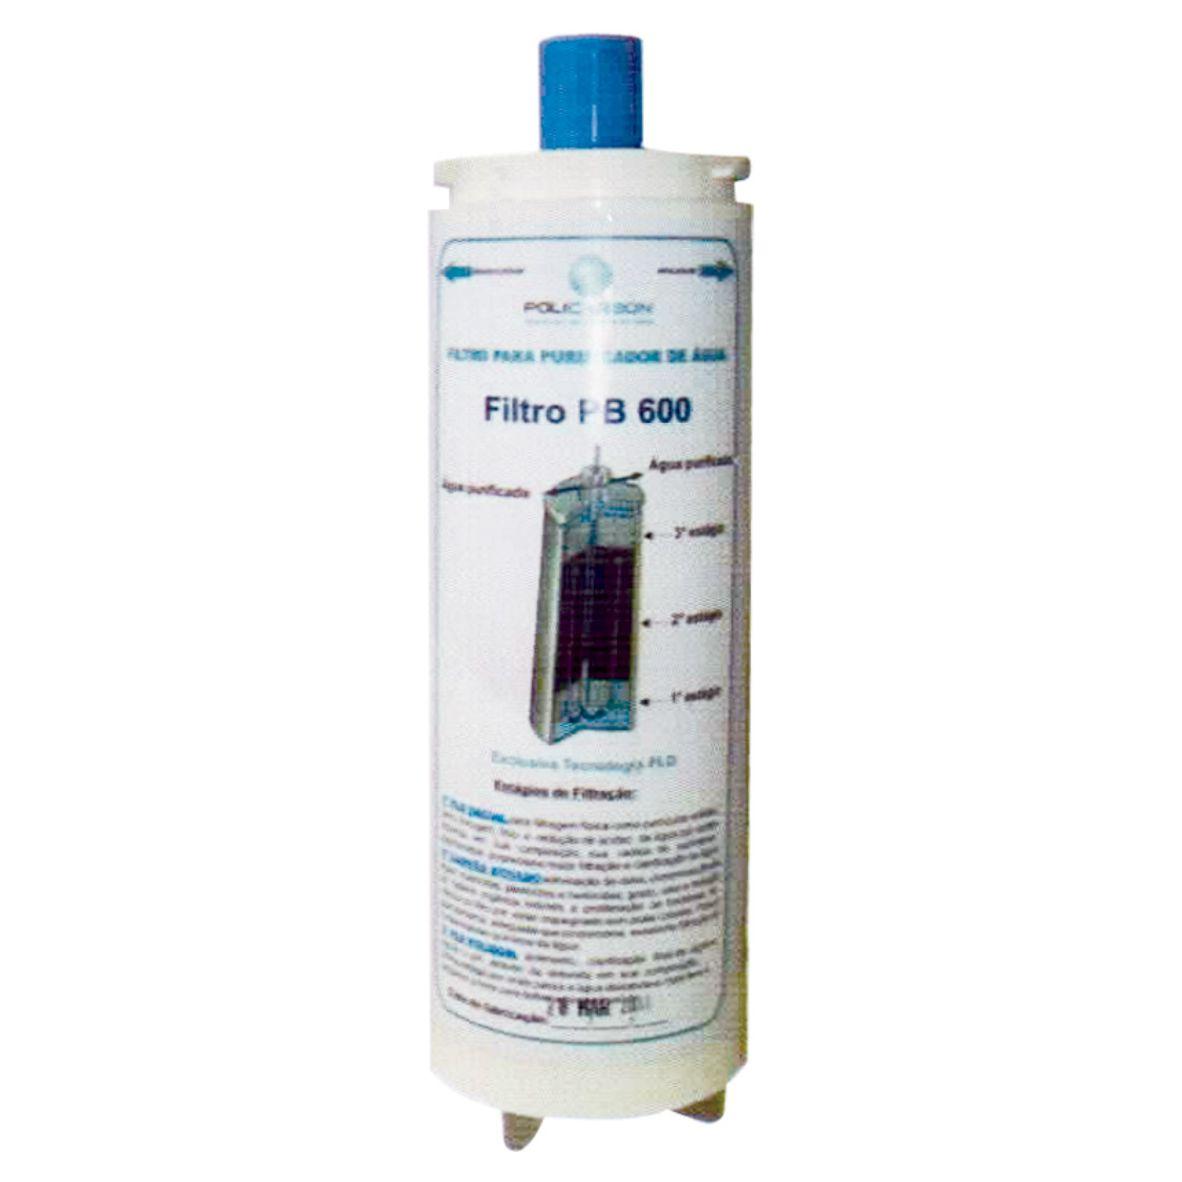 Filtro Refil PB600 PLD Branco (IBBL)